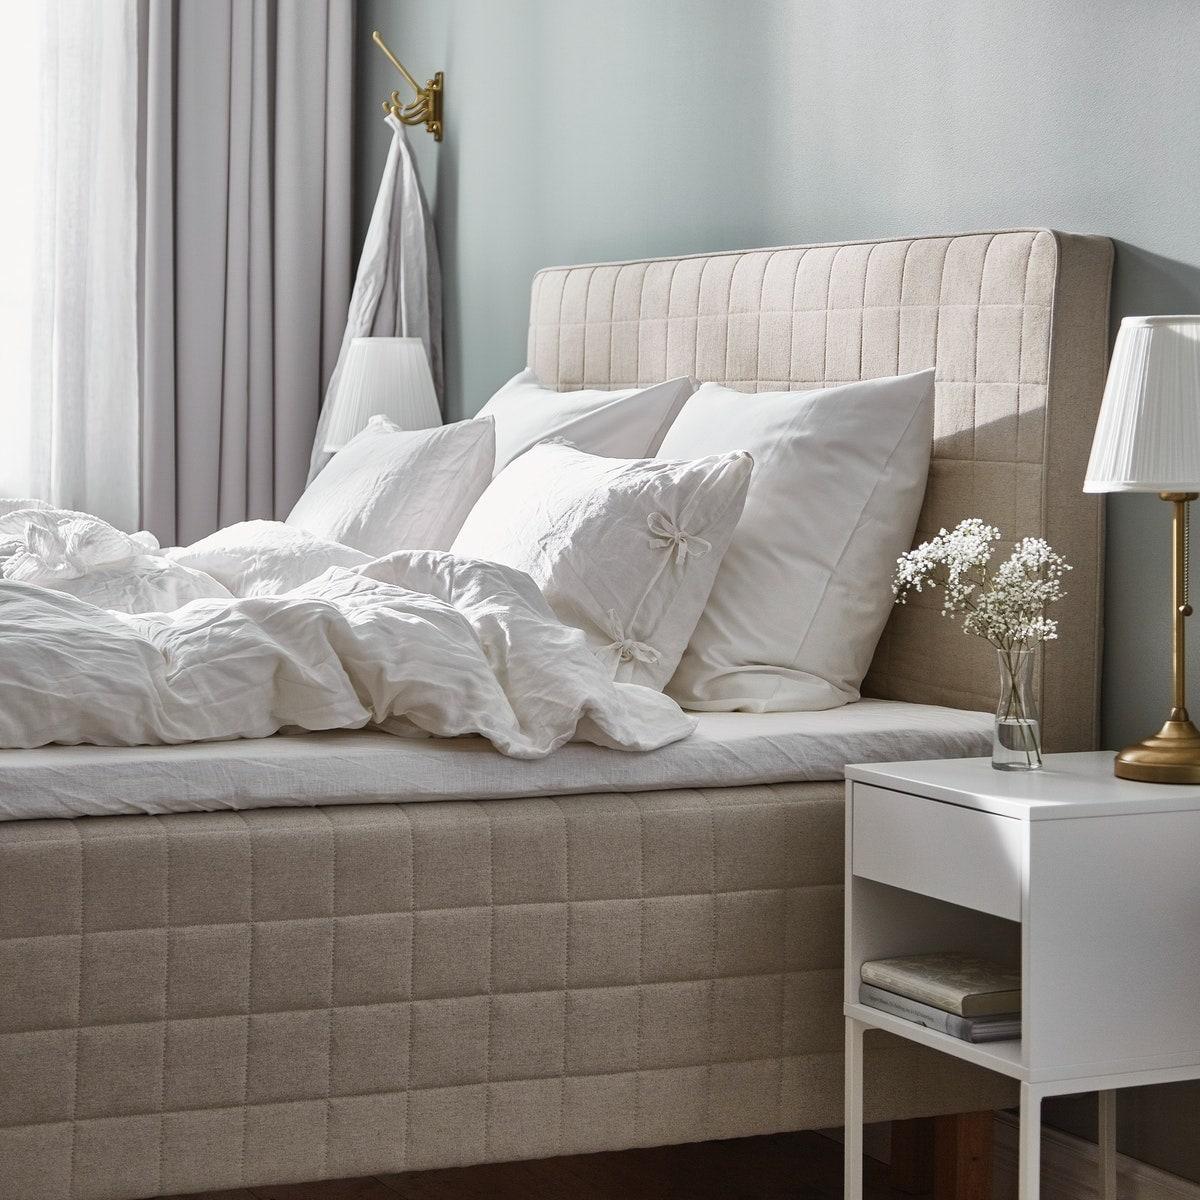 Sisustusideoita, huonekaluja ja inspiraatiota IKEA